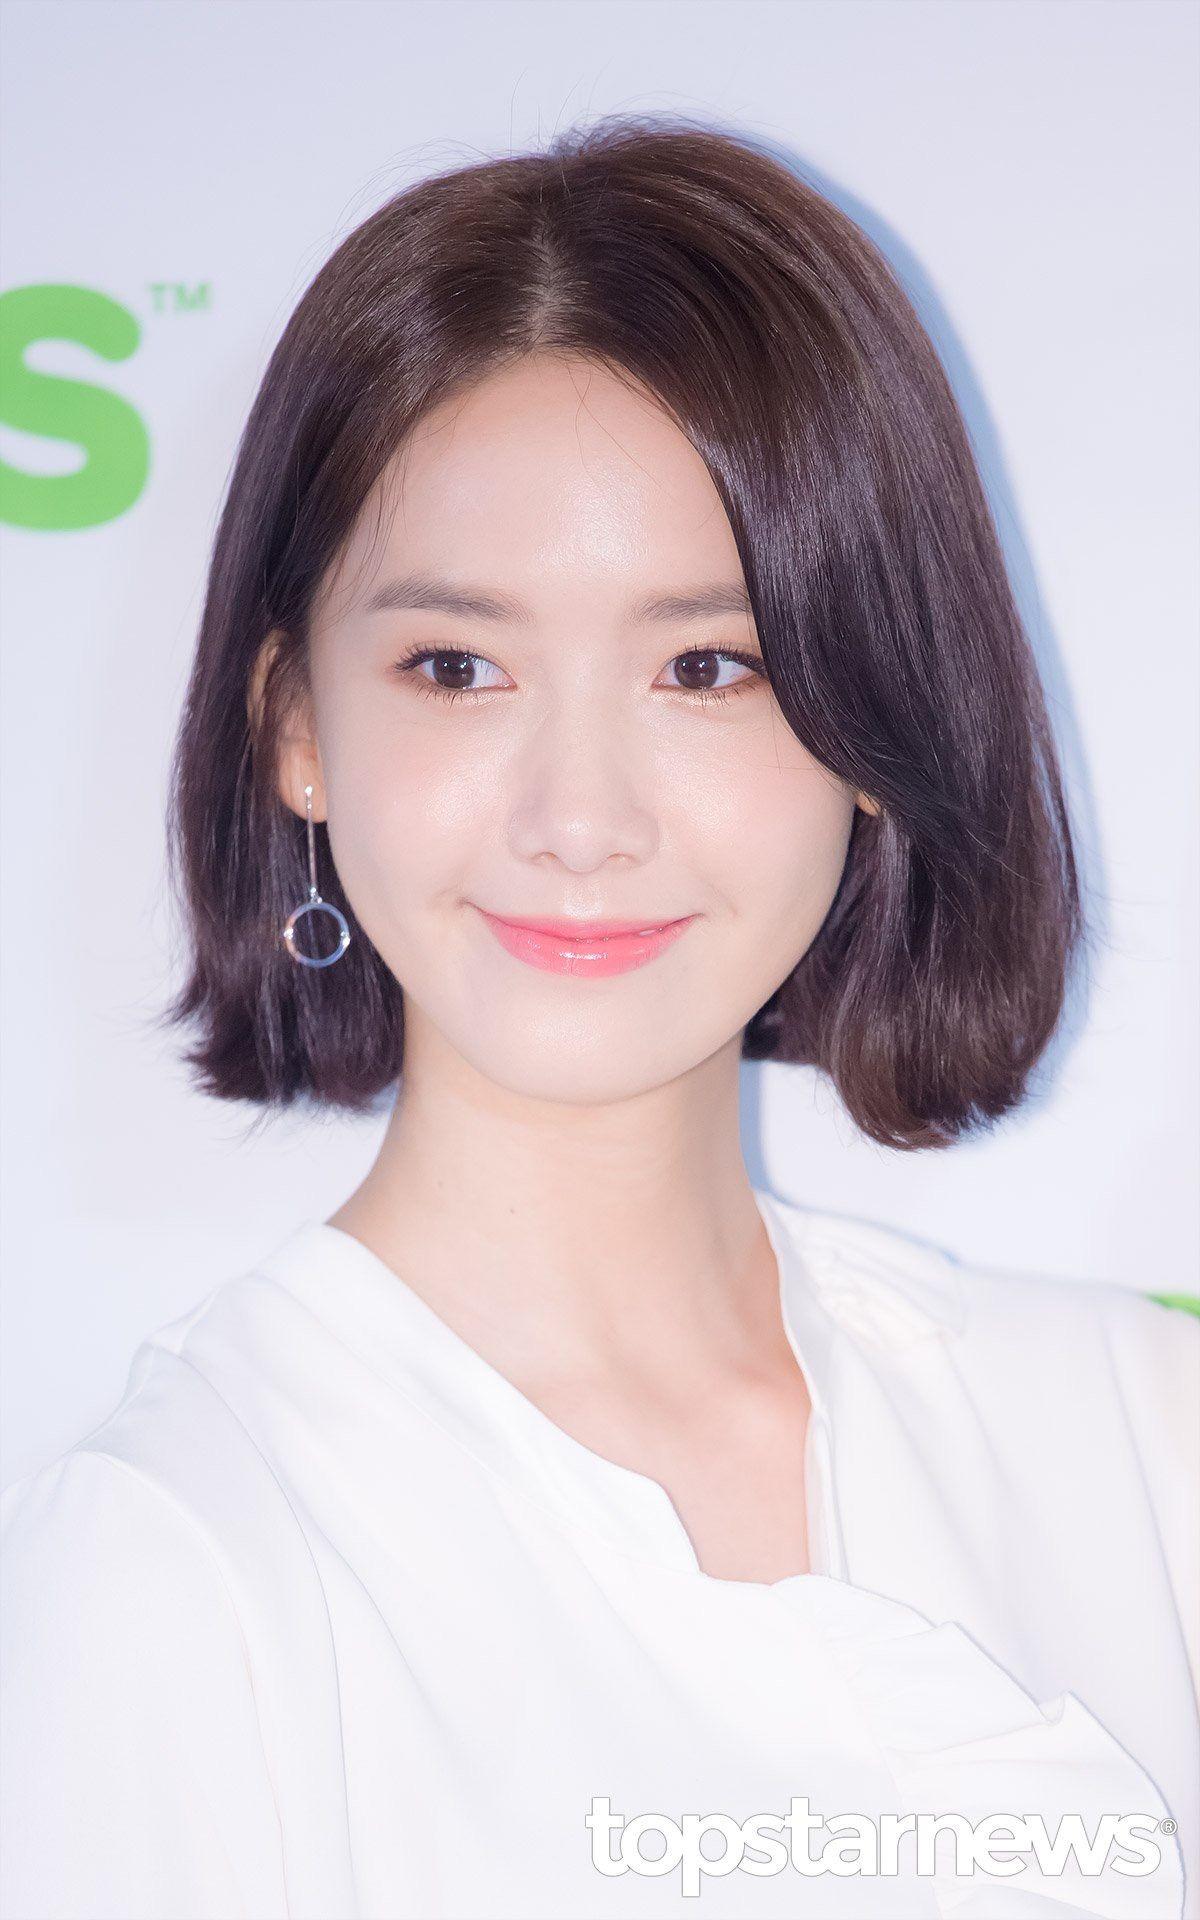 Pin by Kpop on Yoona | Kpop hair, Kpop short hair, Korean ...